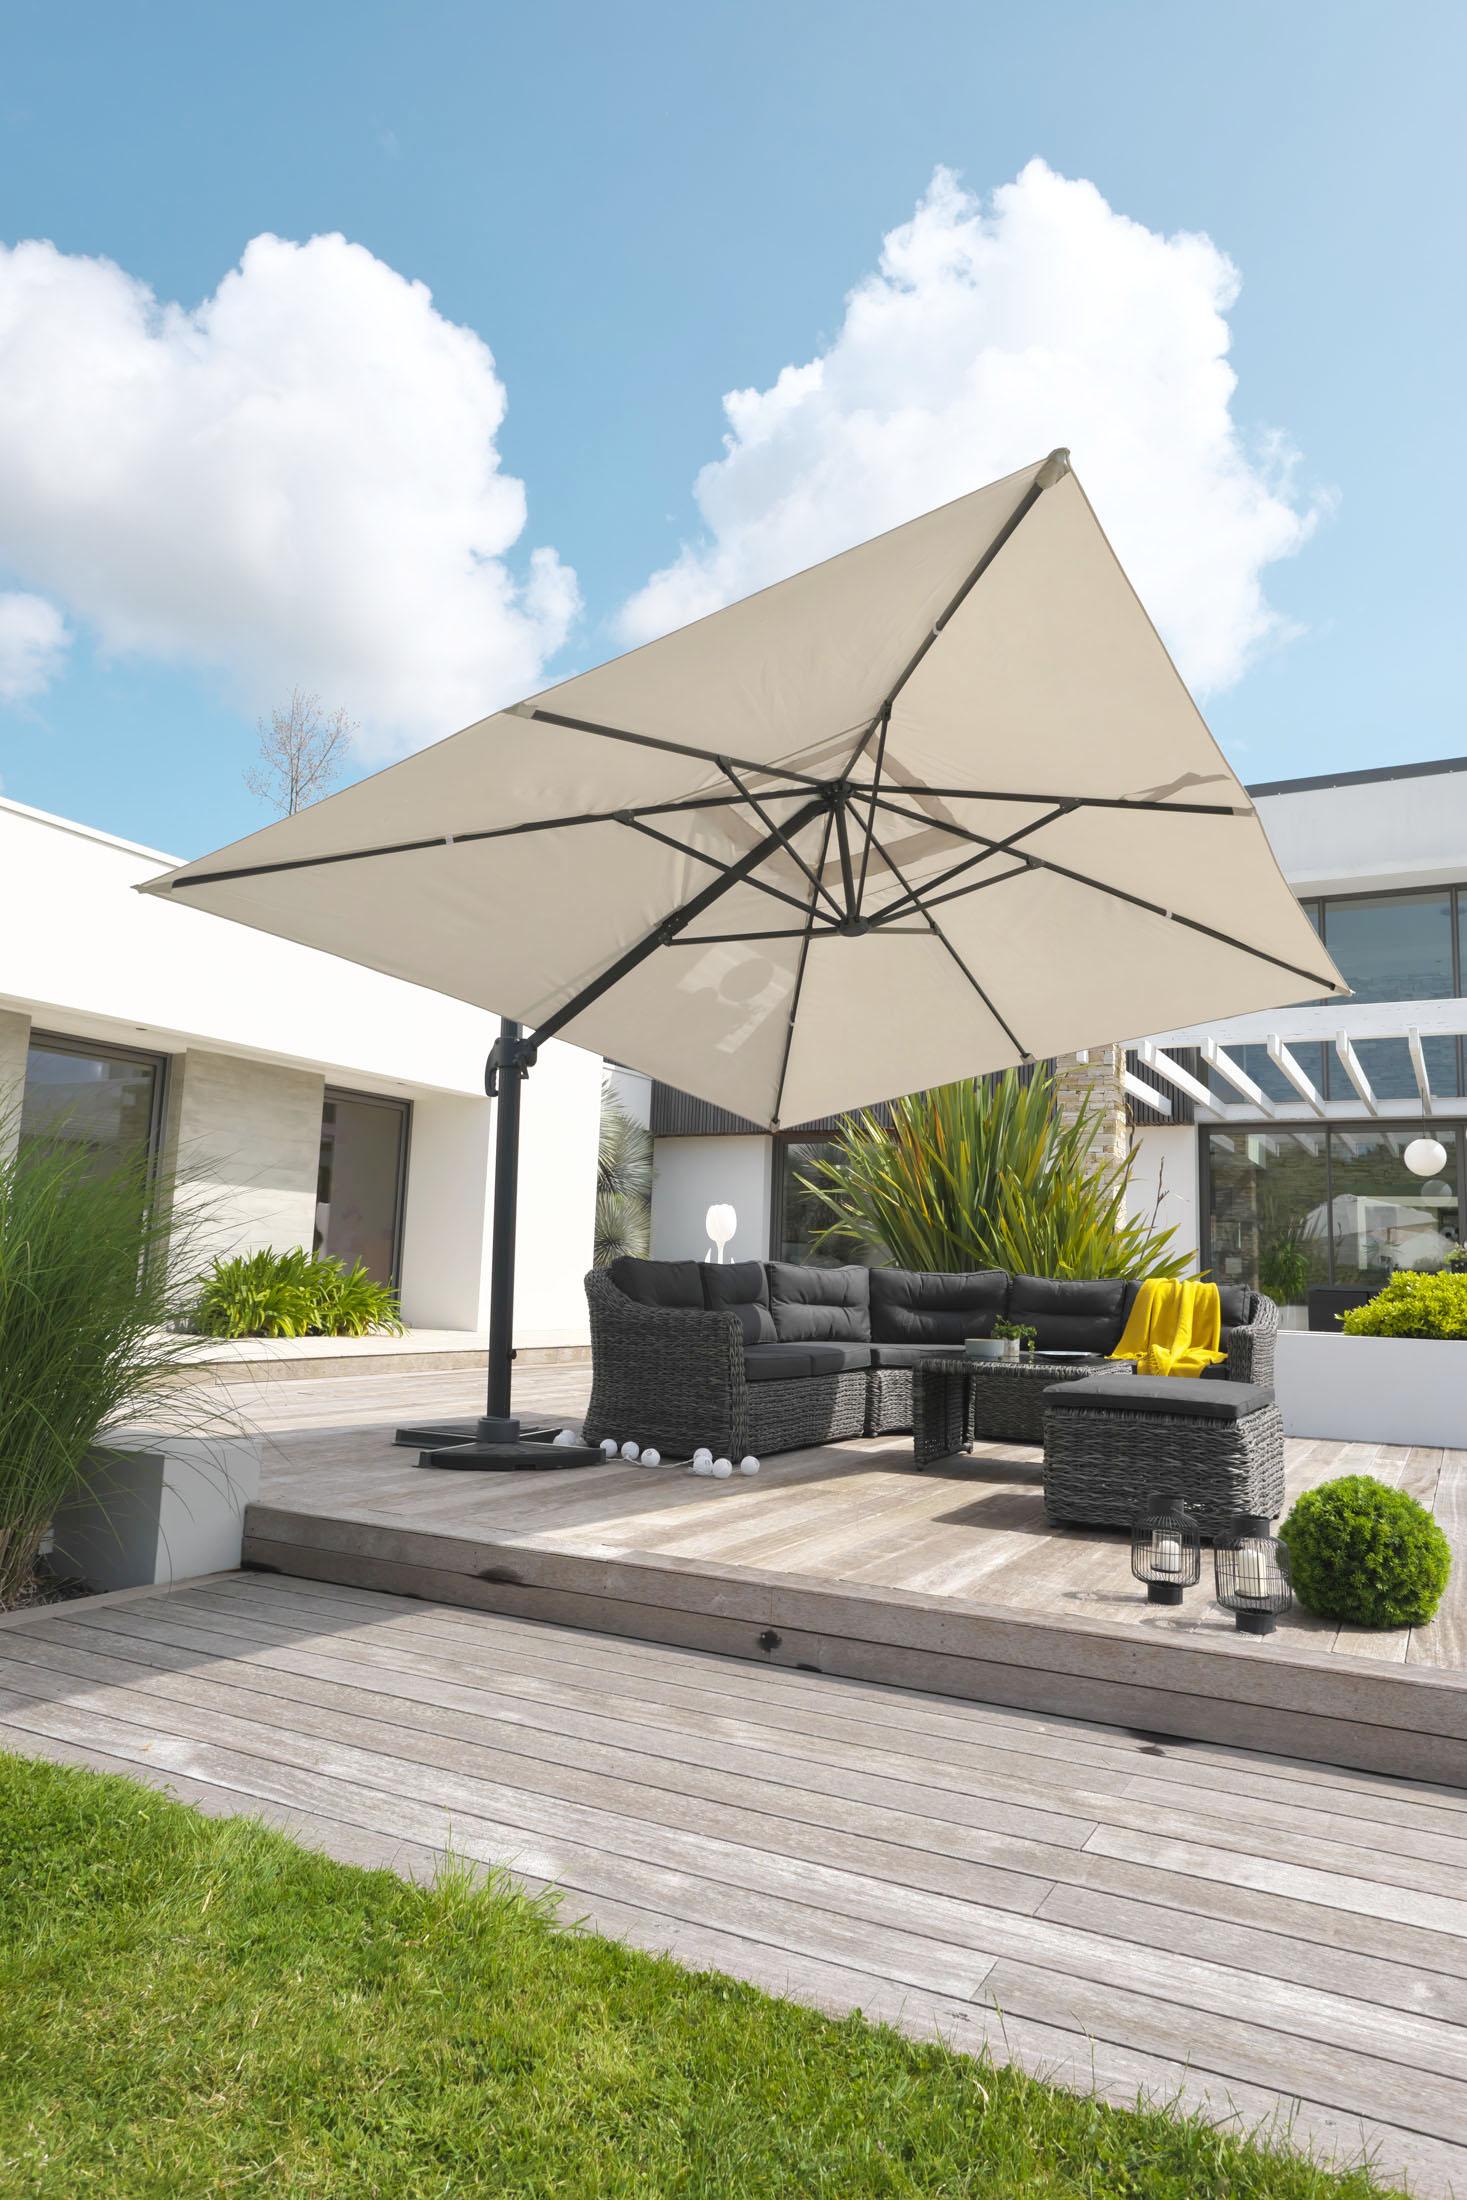 ambiance extérieur un salon de jardin avec un parasol ouvert